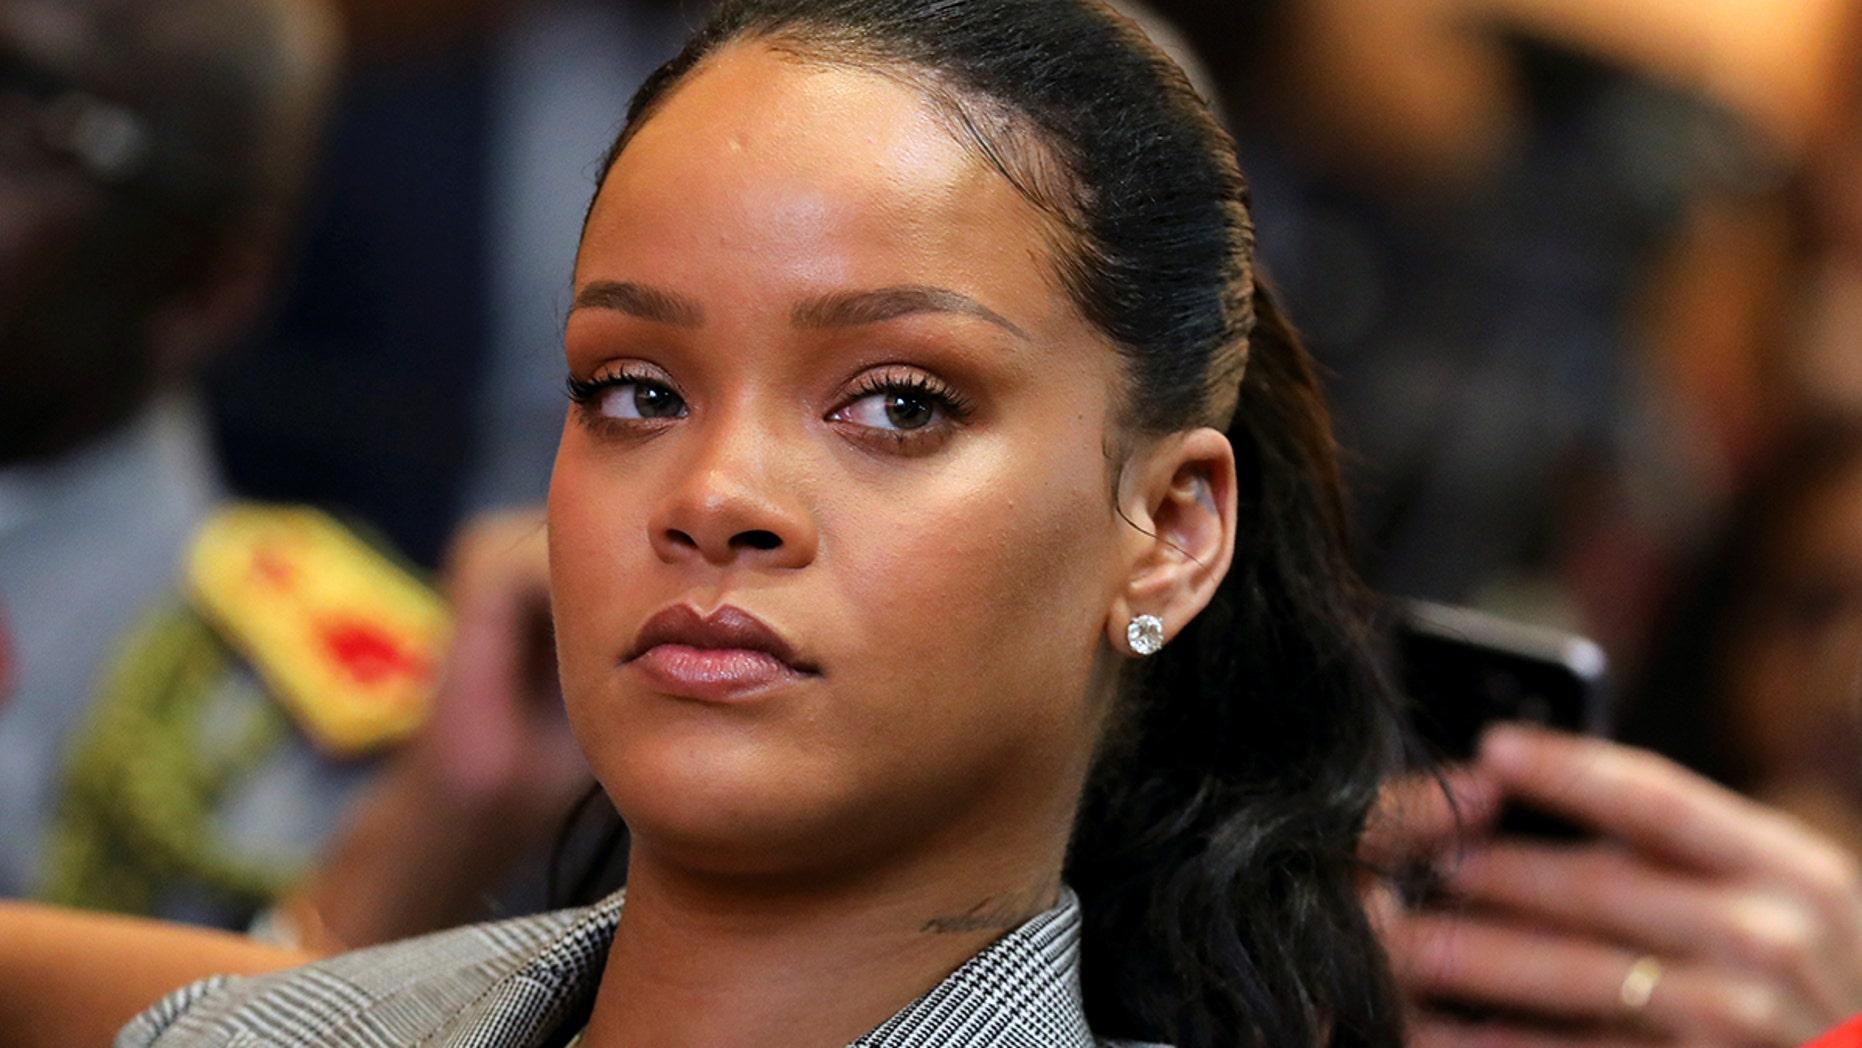 Rihanna's stalker charged following arrest for home break-in.